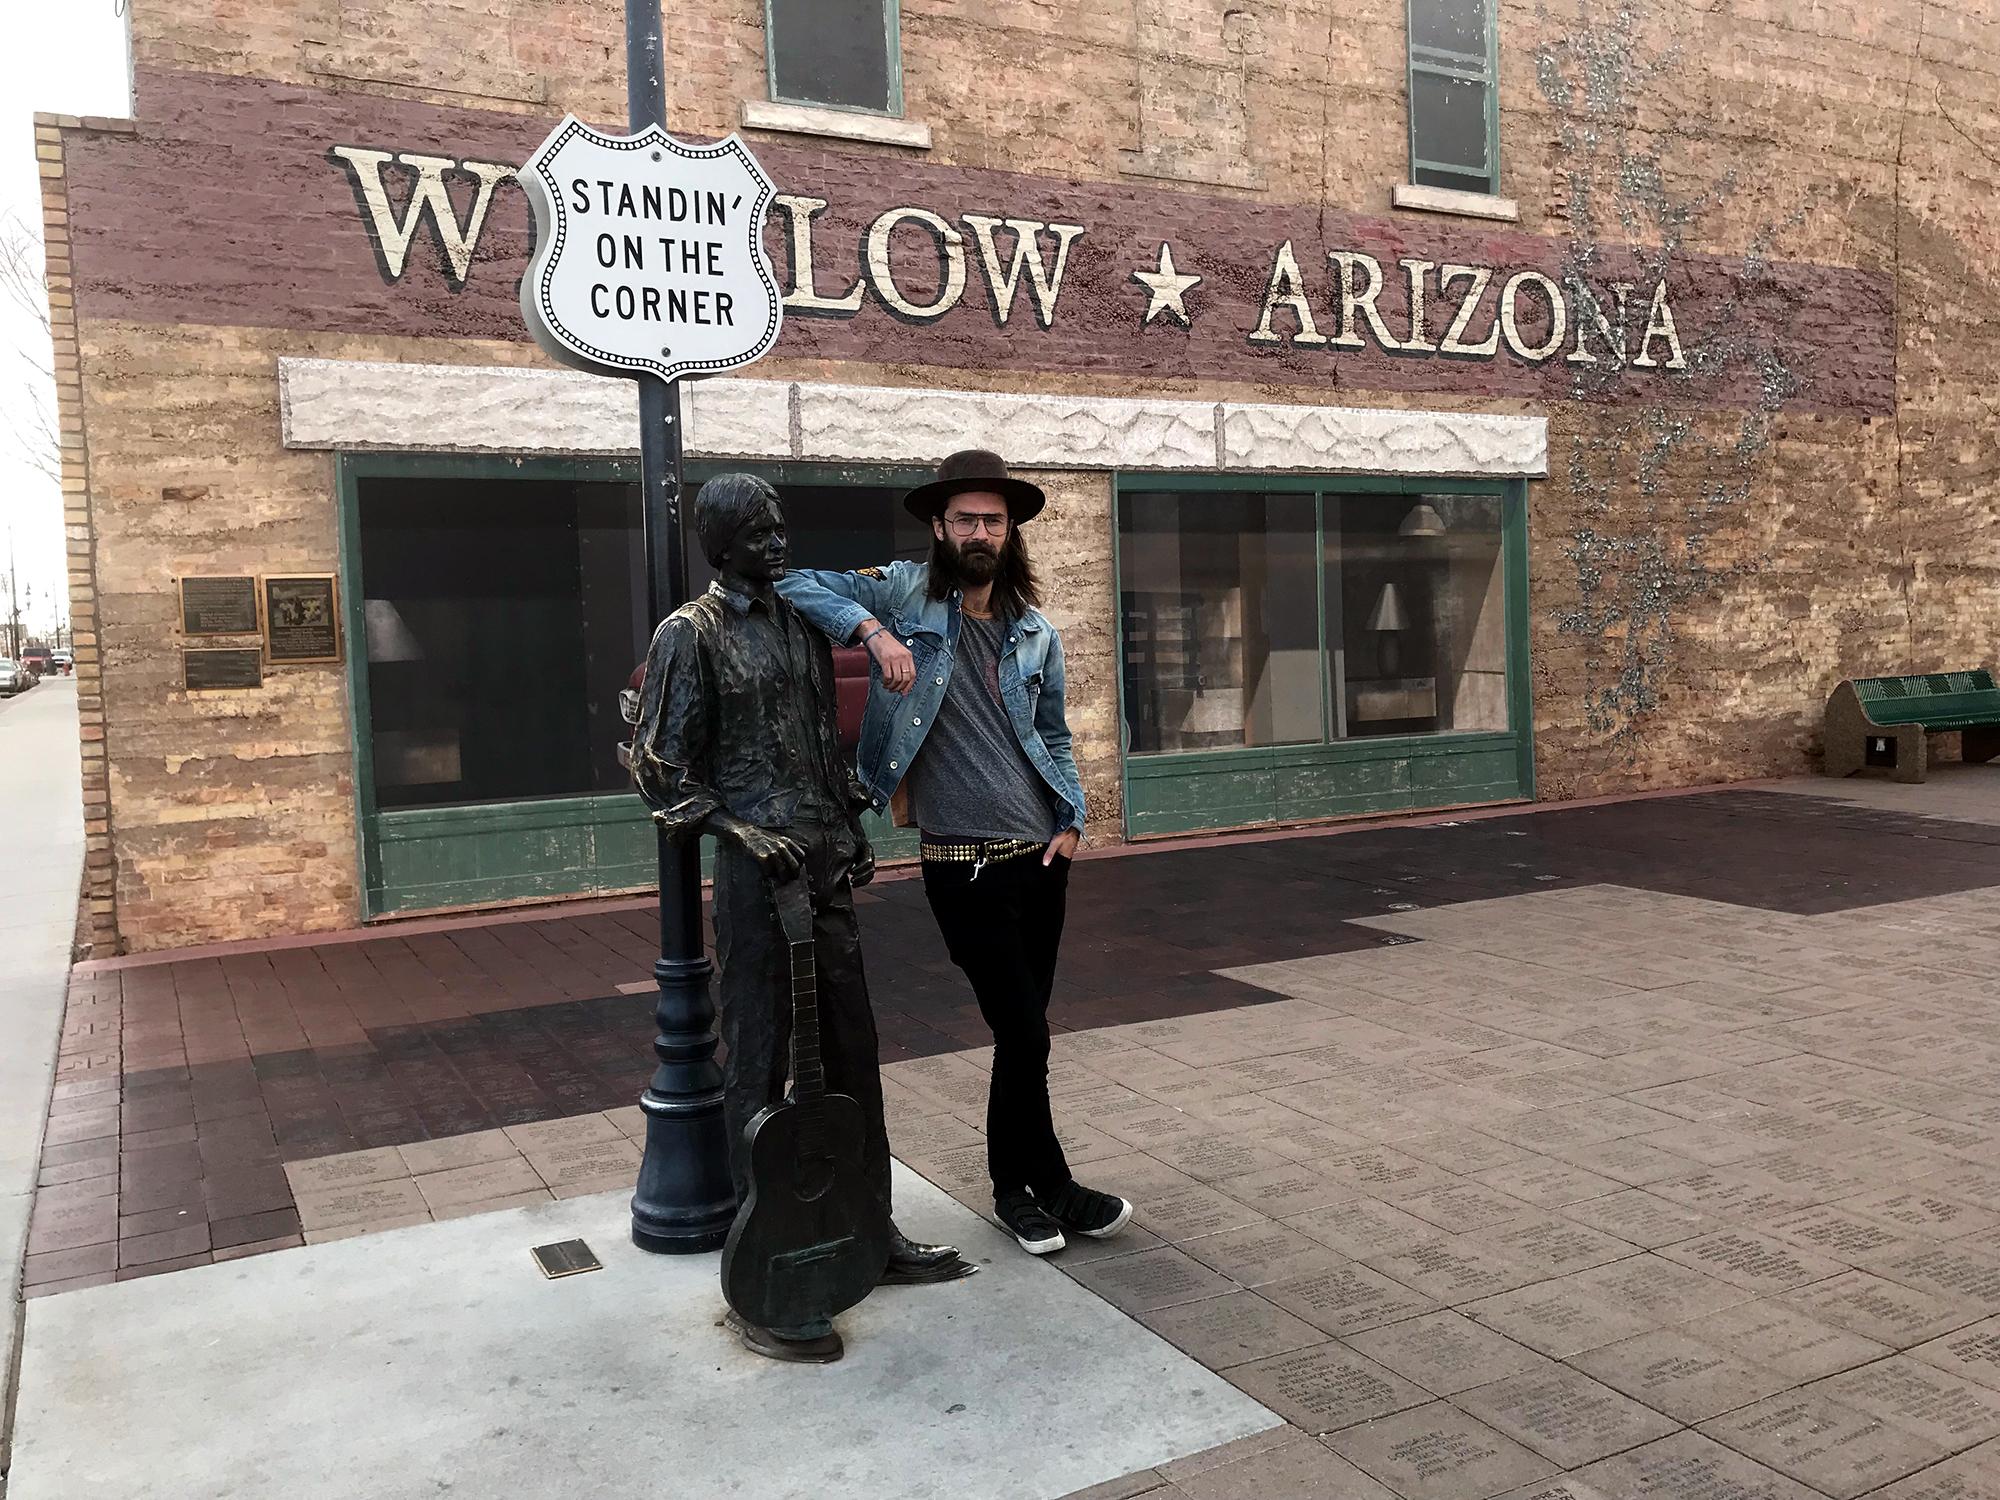 Generic Van Life - Albuquerque Winslow